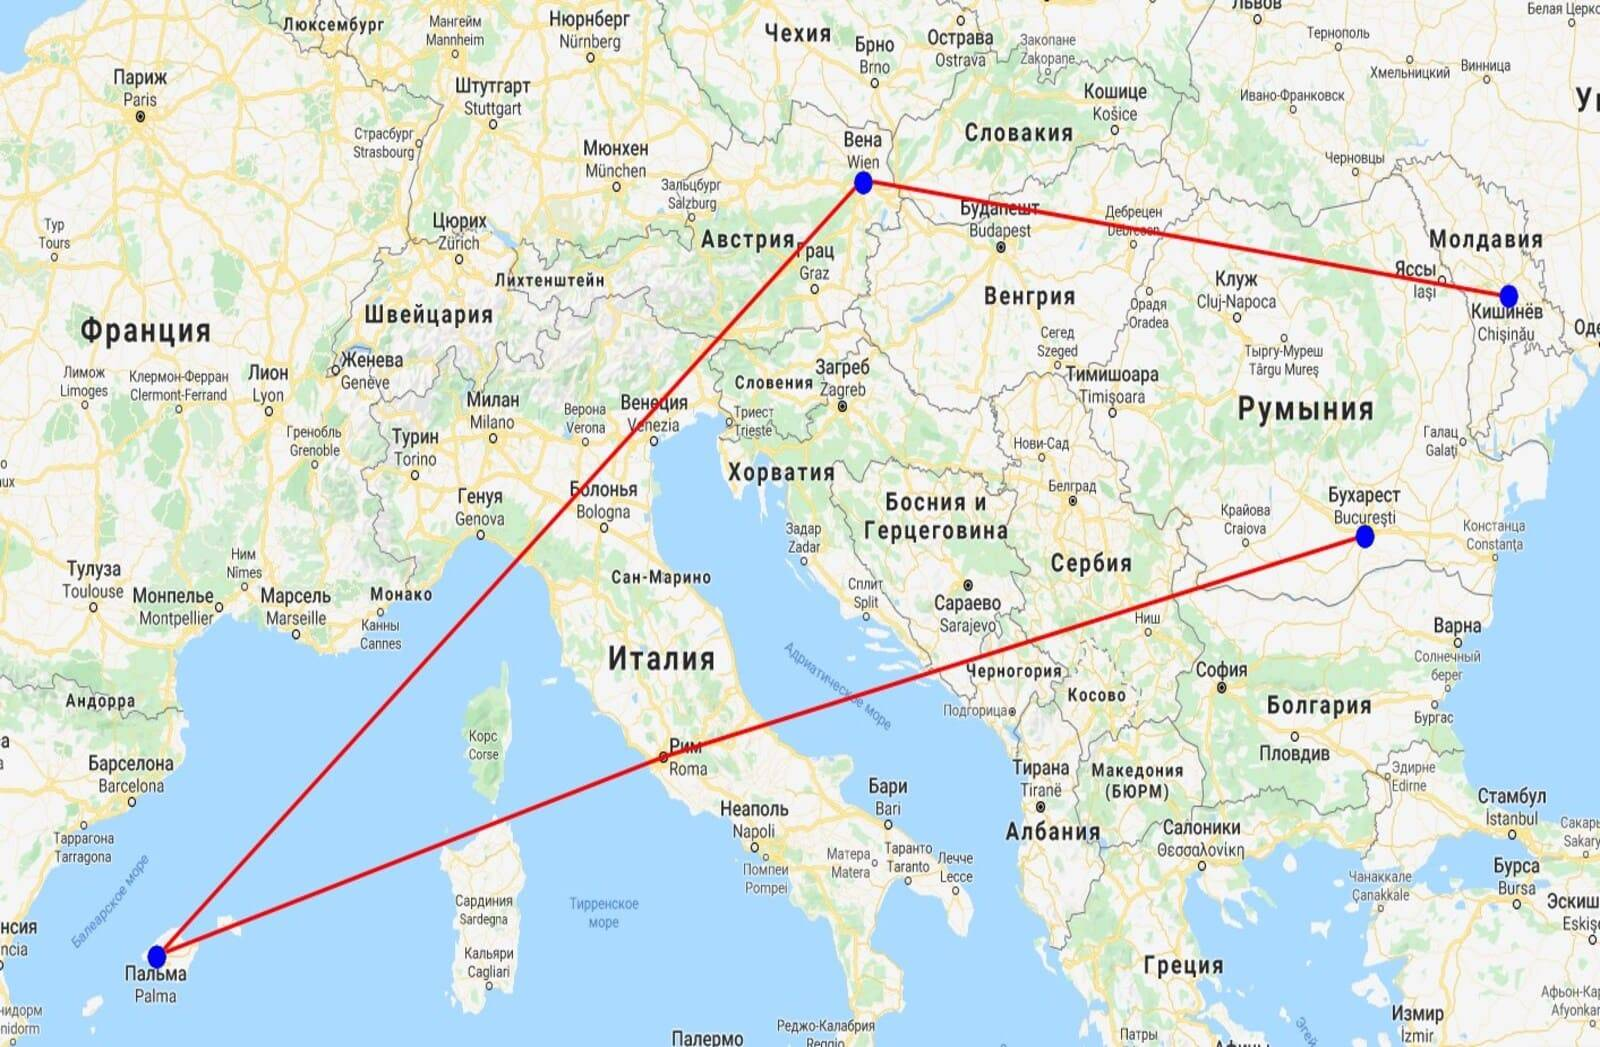 Дебрецен — будапешт авиабилеты от 22838 рублей, цена билета дебрецен будапешт и расписание самолетов